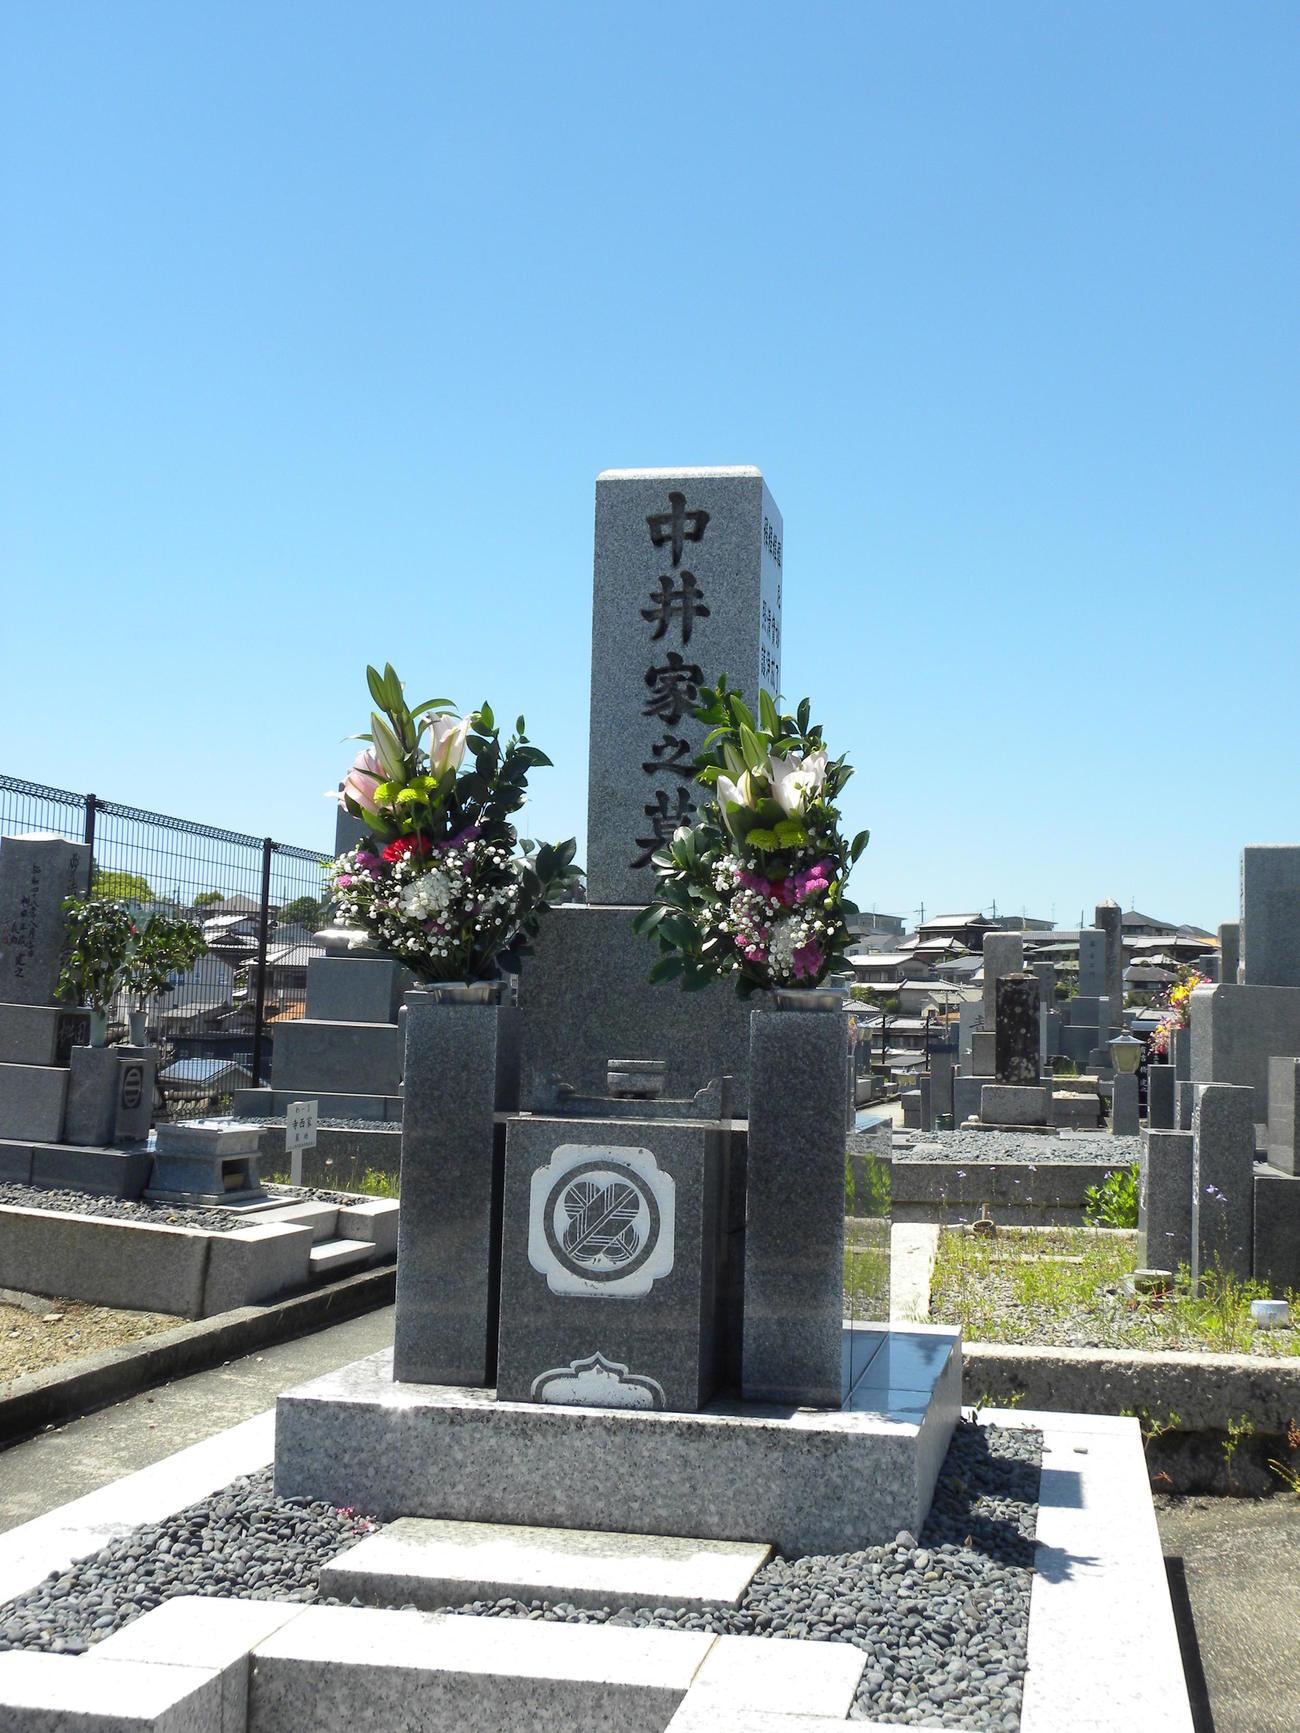 中井太喜さんは故郷である枚方市内の墓で眠っている